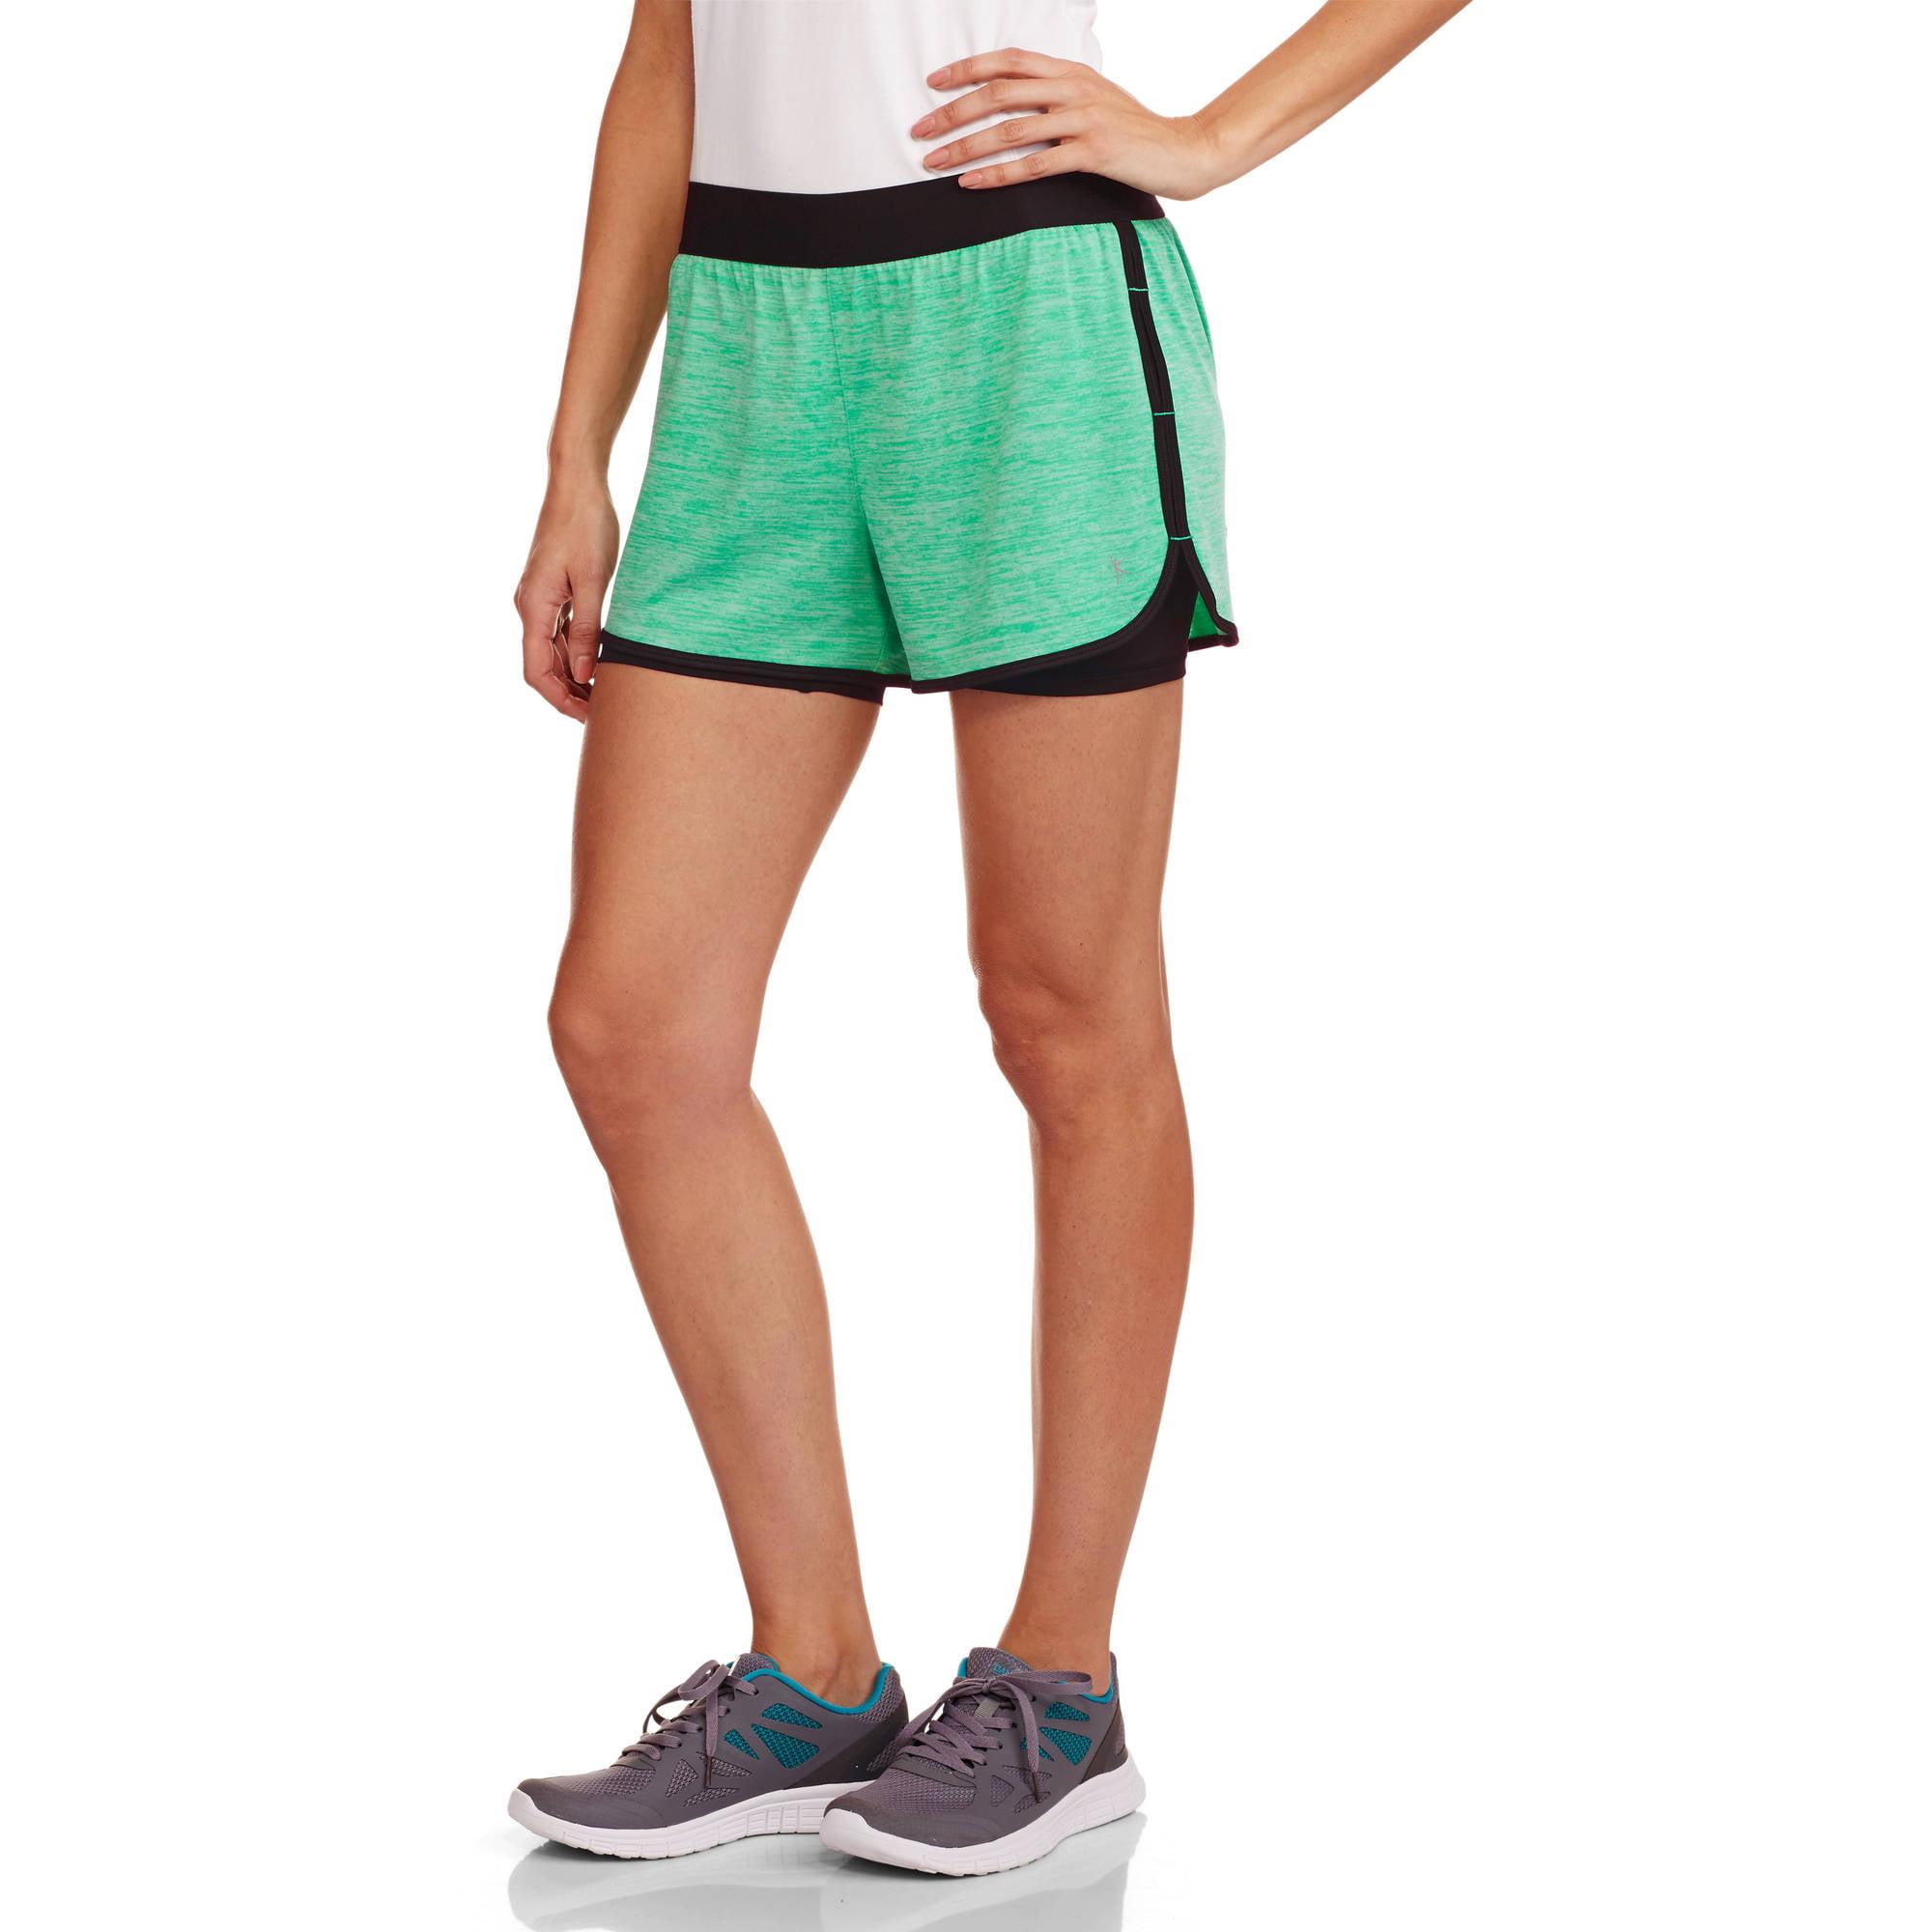 Danskin Now Women's Active 2fer Knit Running Short